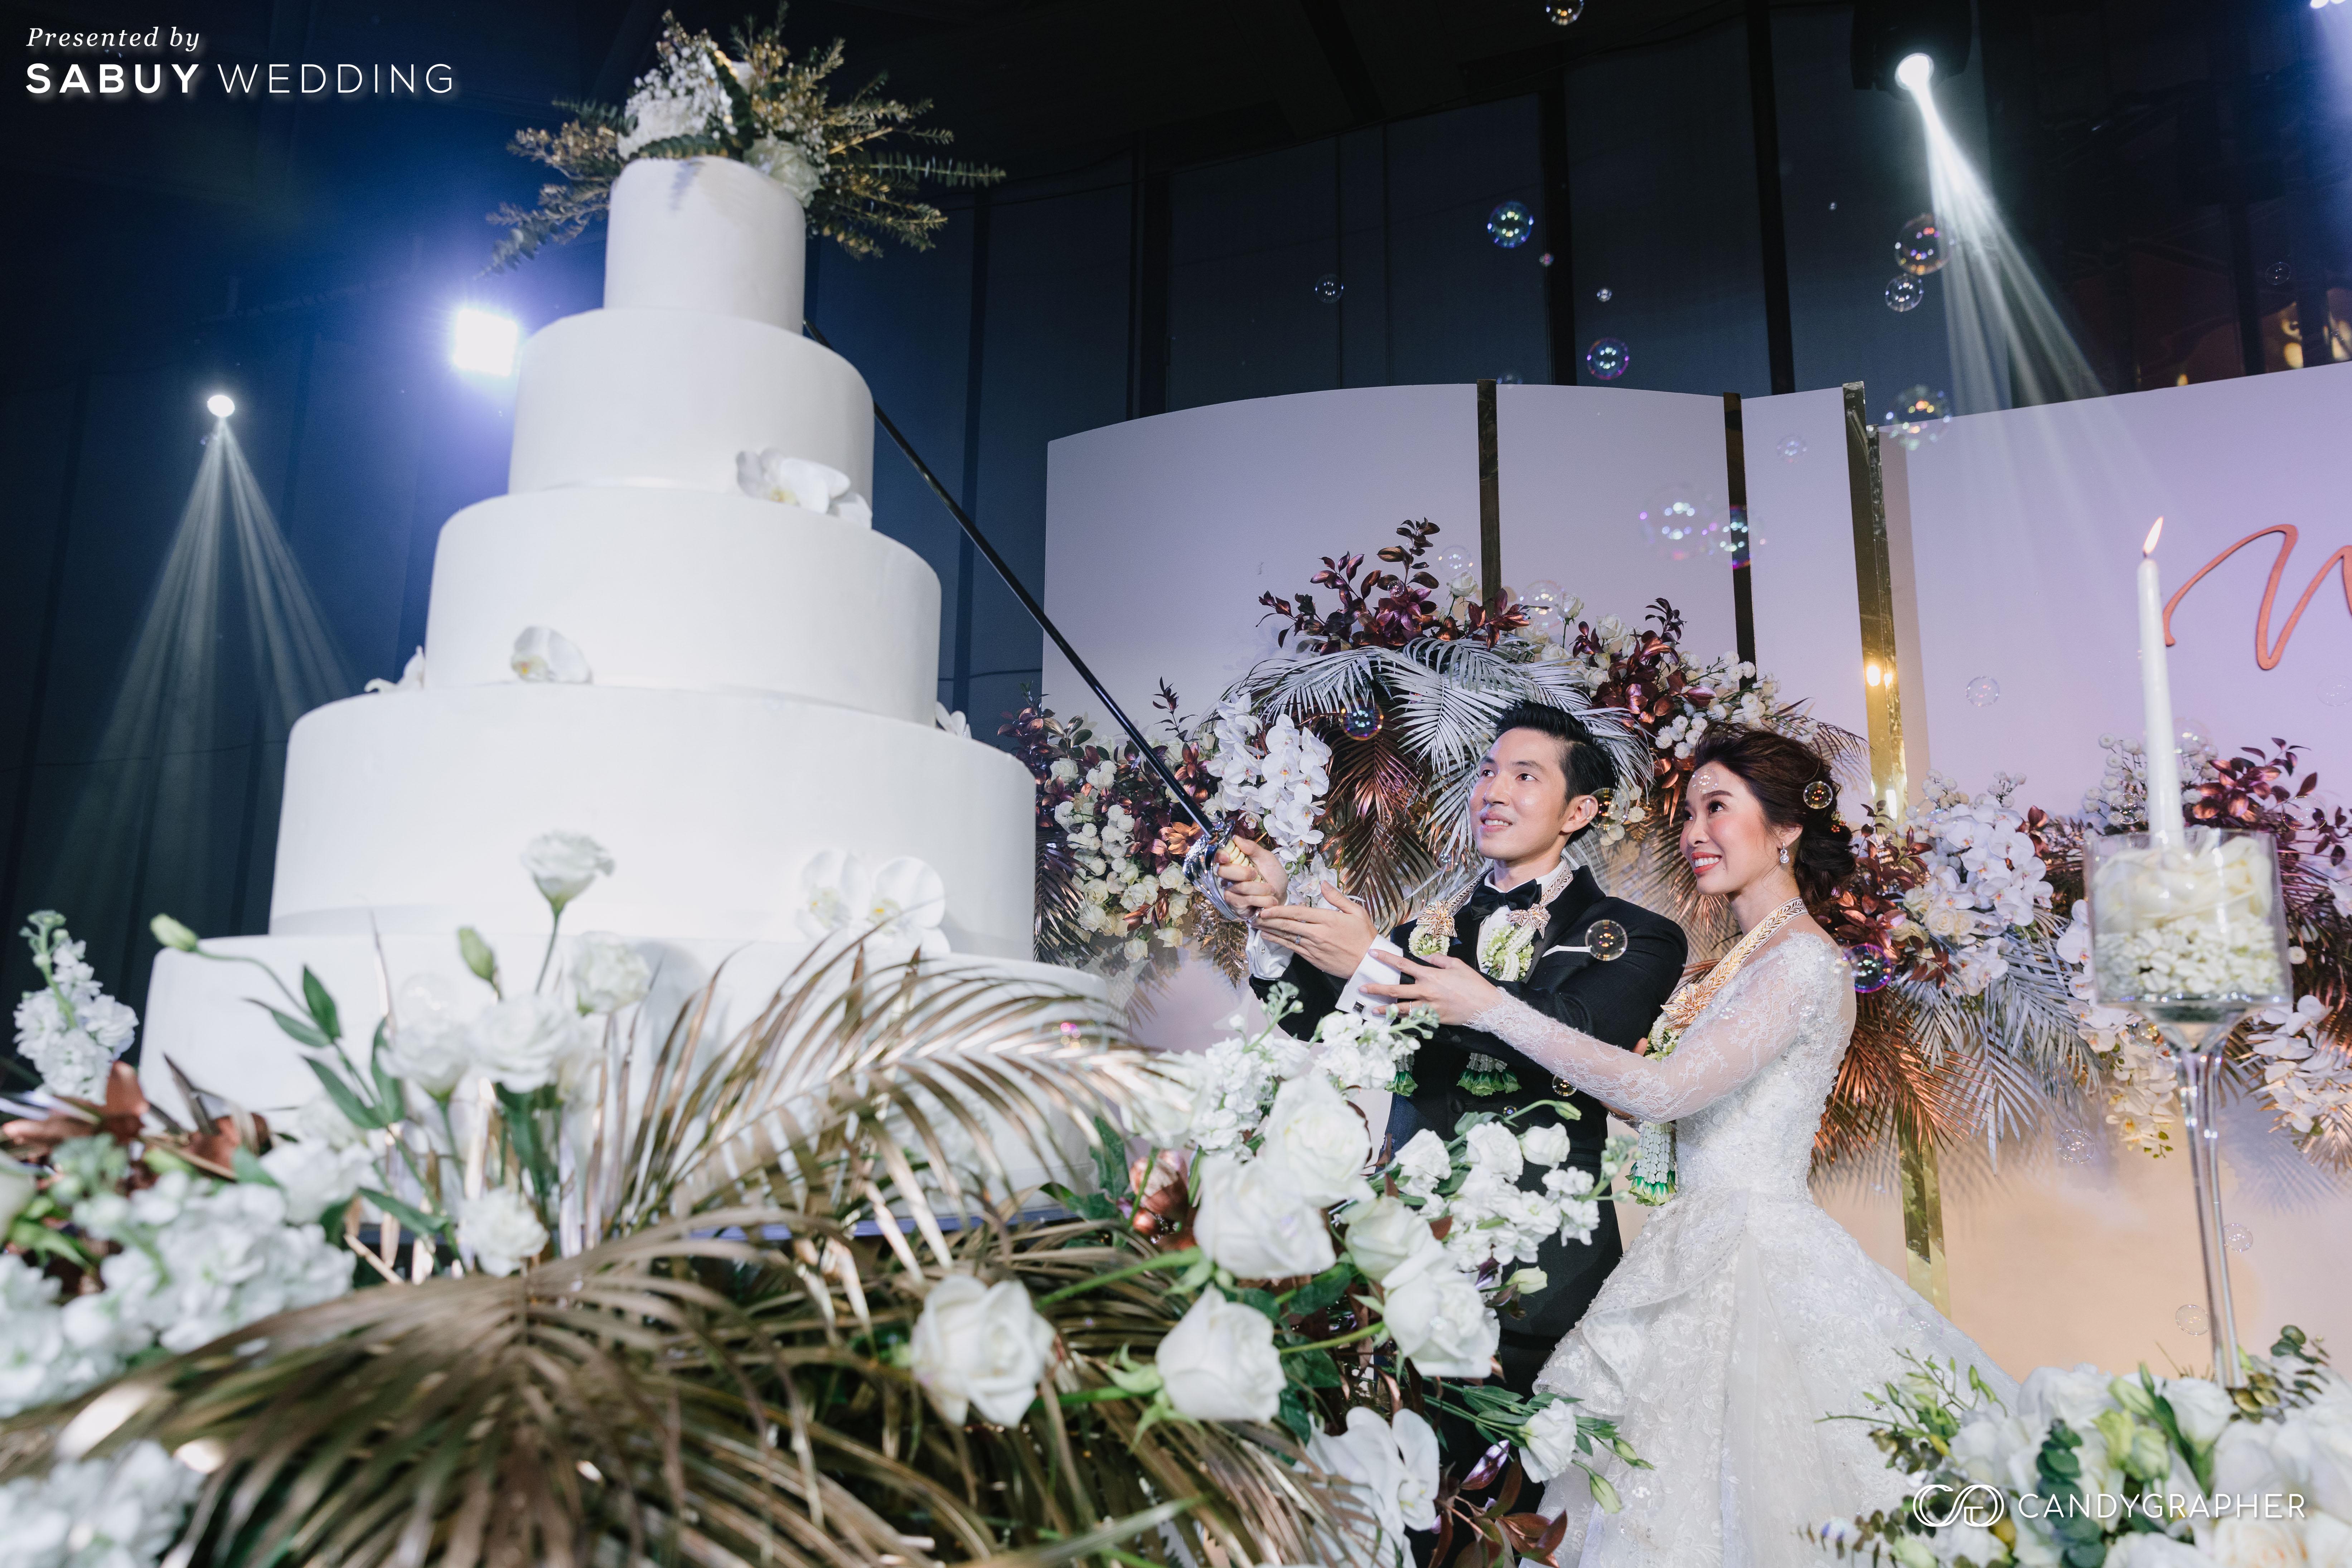 งานแต่งงาน,เค้กแต่งงาน รีวิวงานแต่งธีมสี Taupe สวยดูดีแบบ Luxury Style @ Hyatt Regency Bangkok Sukhumvit